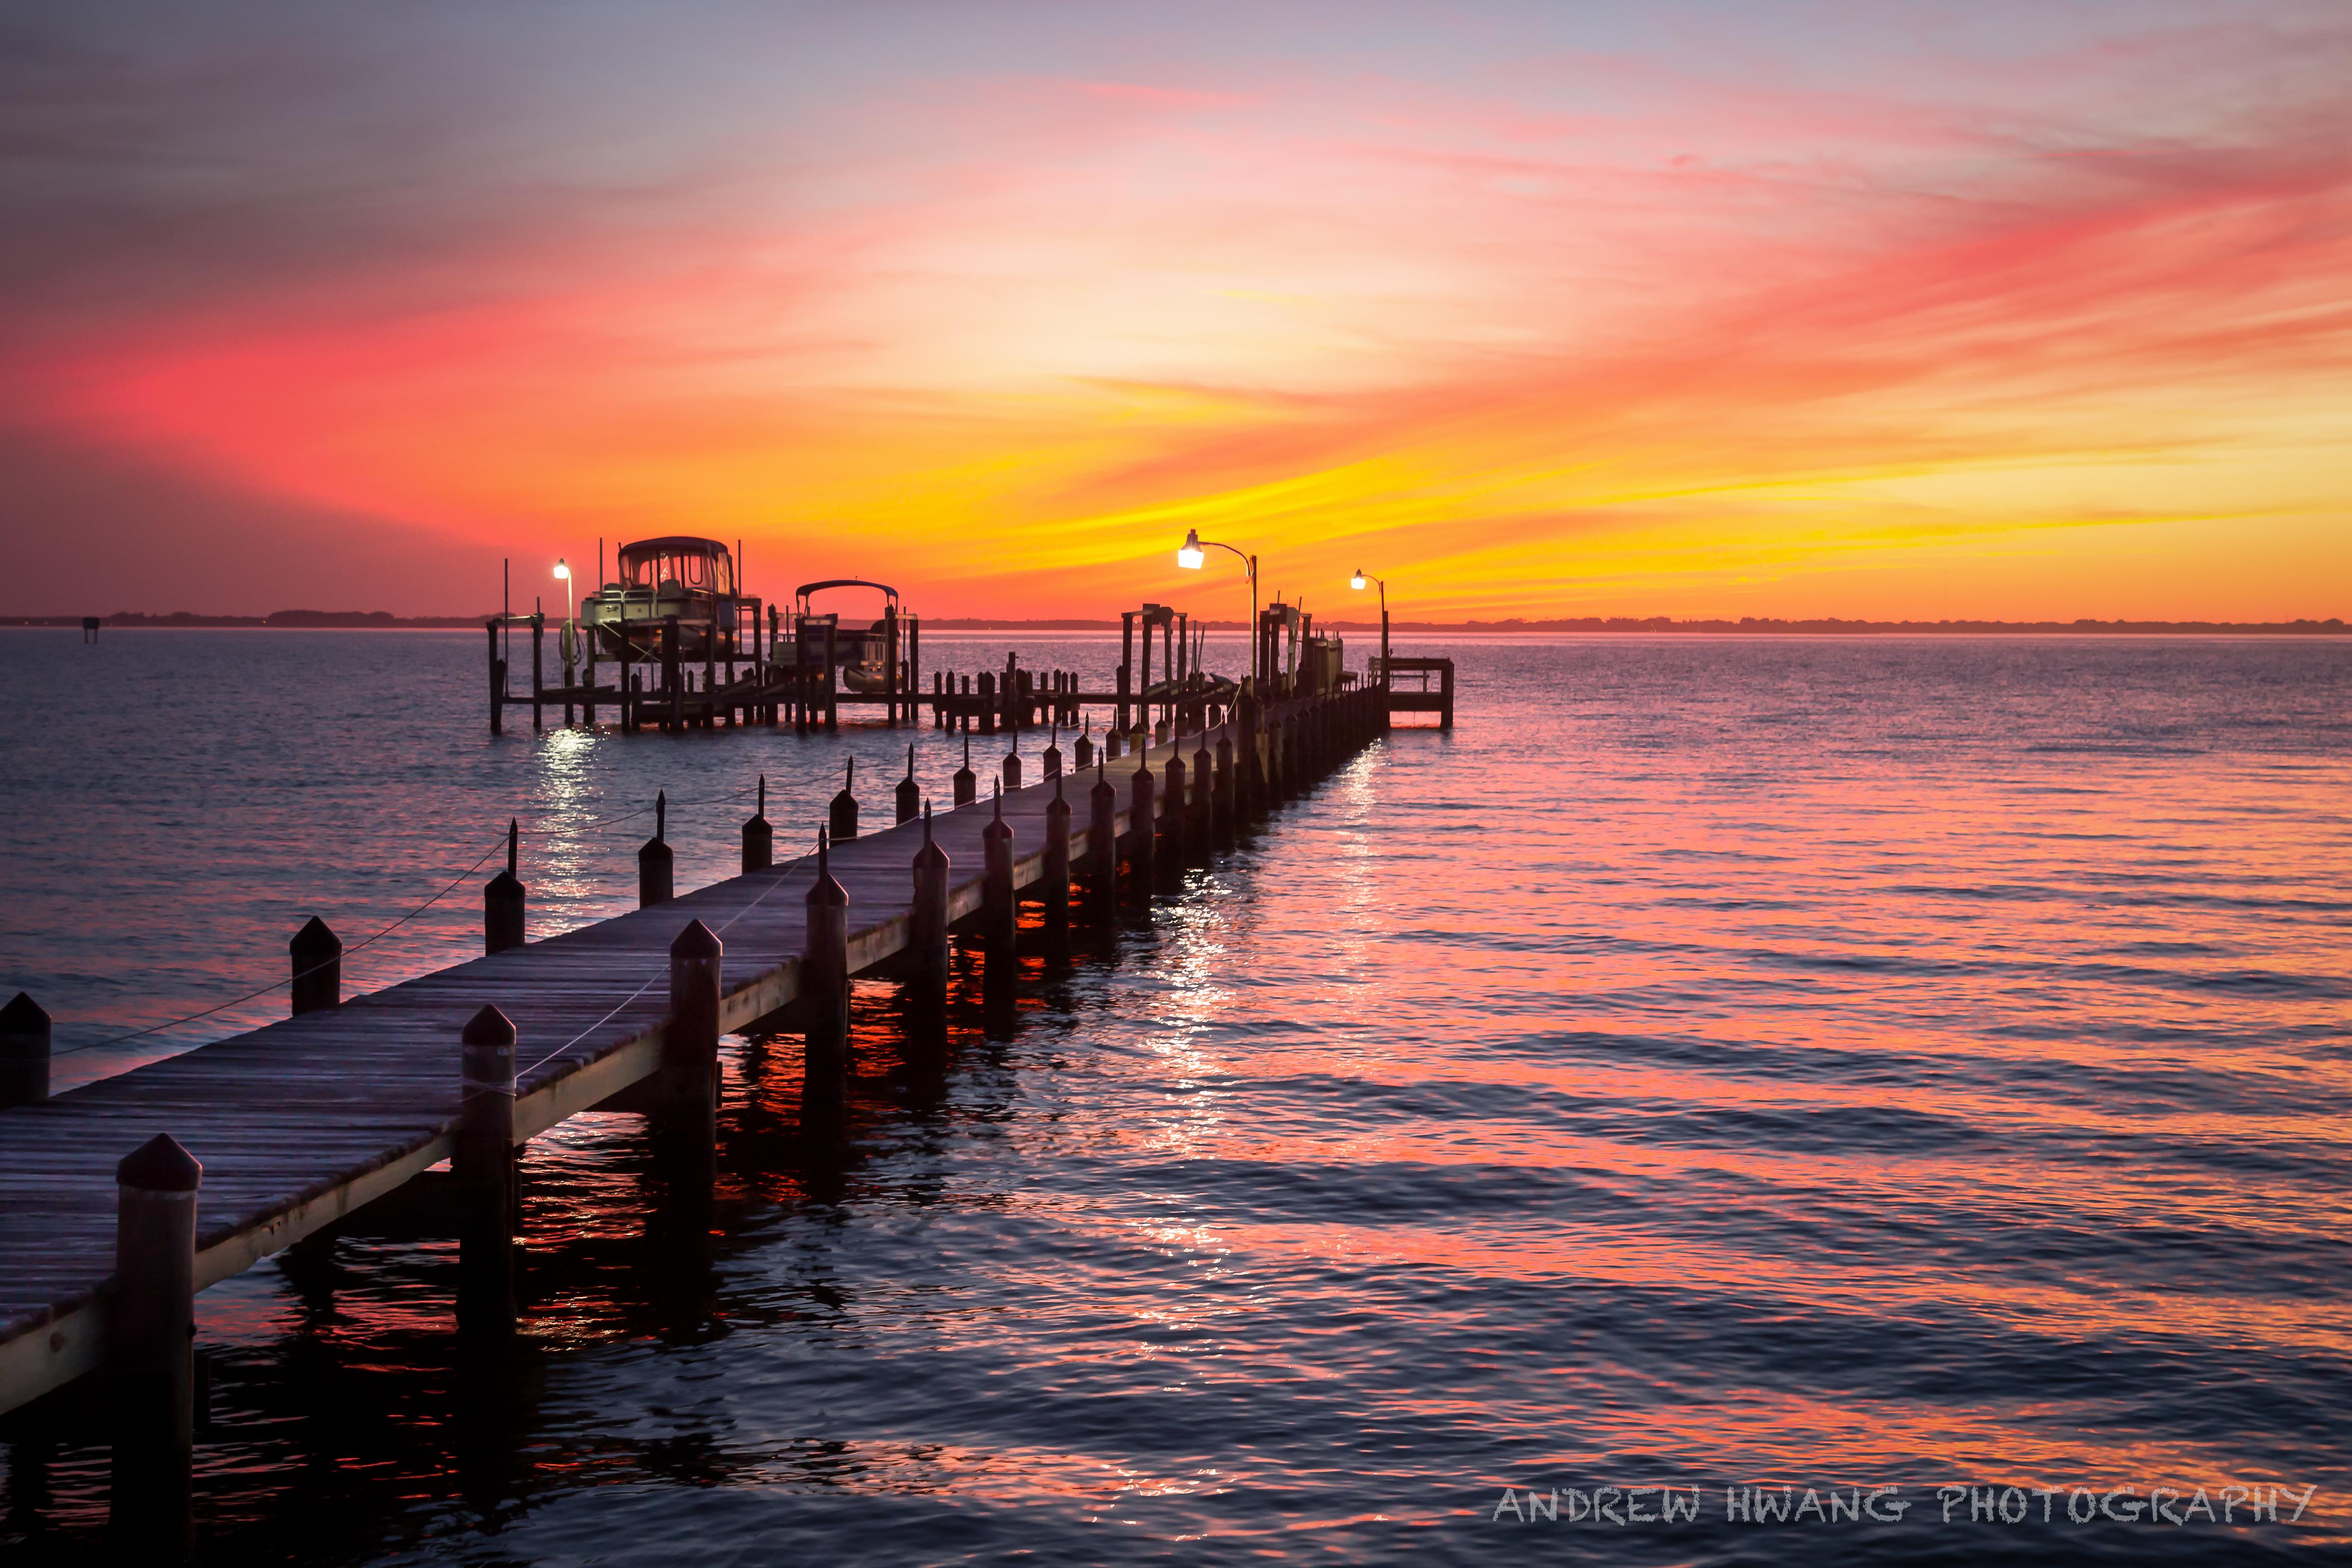 Melbourne Fl Sunet Pier